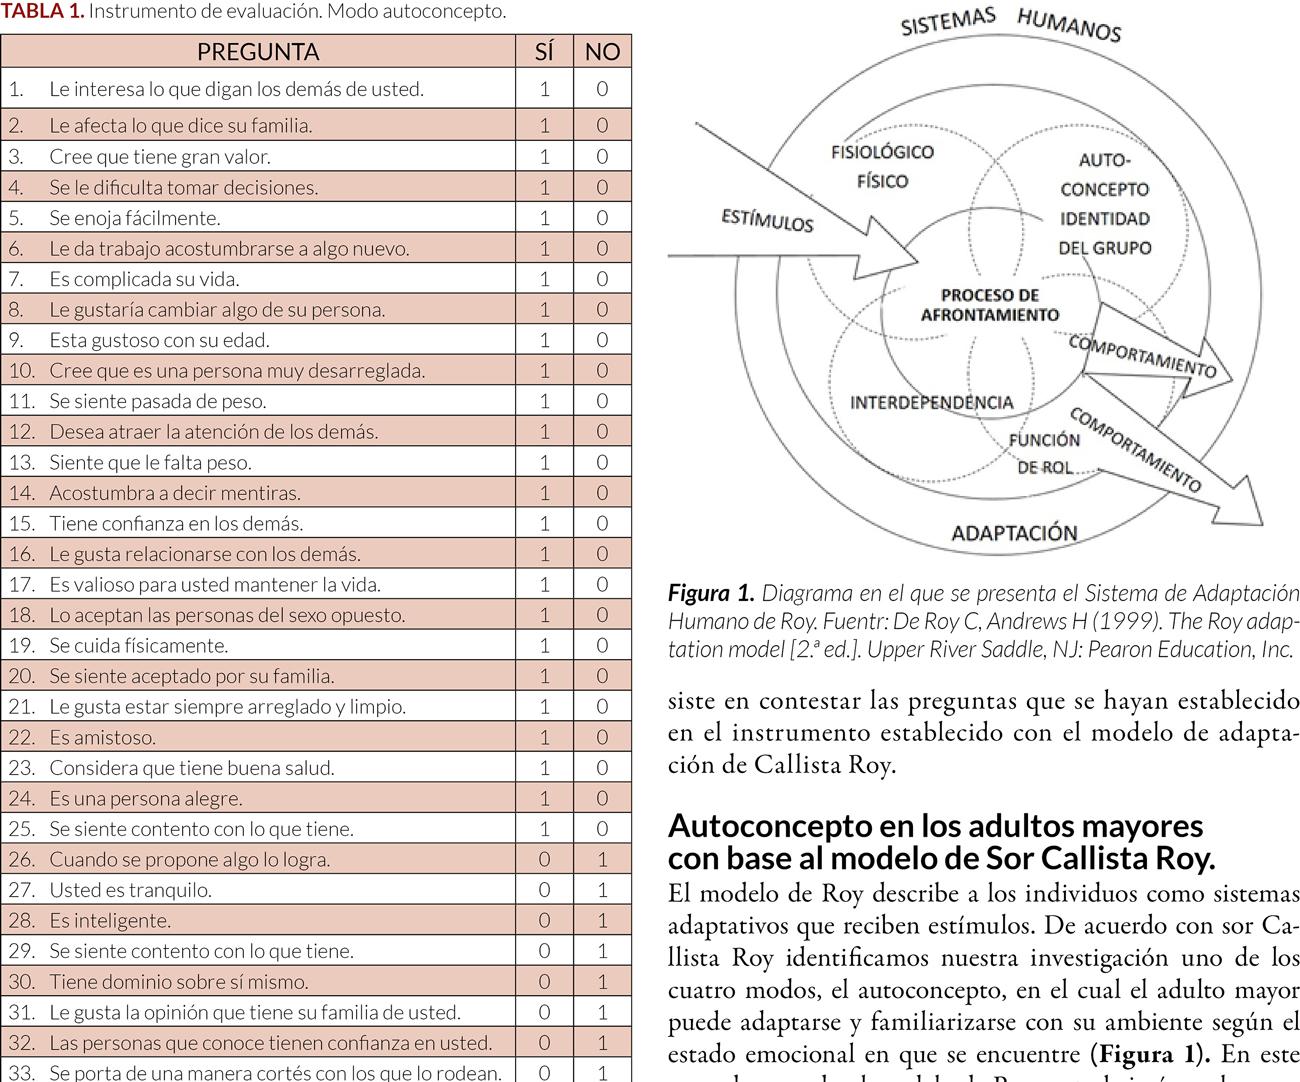 Nivel de autoconcepto en el adulto mayor del Centro Gerontológico de Tula de Allende, Hidalgo, posterior a una intervención educativa